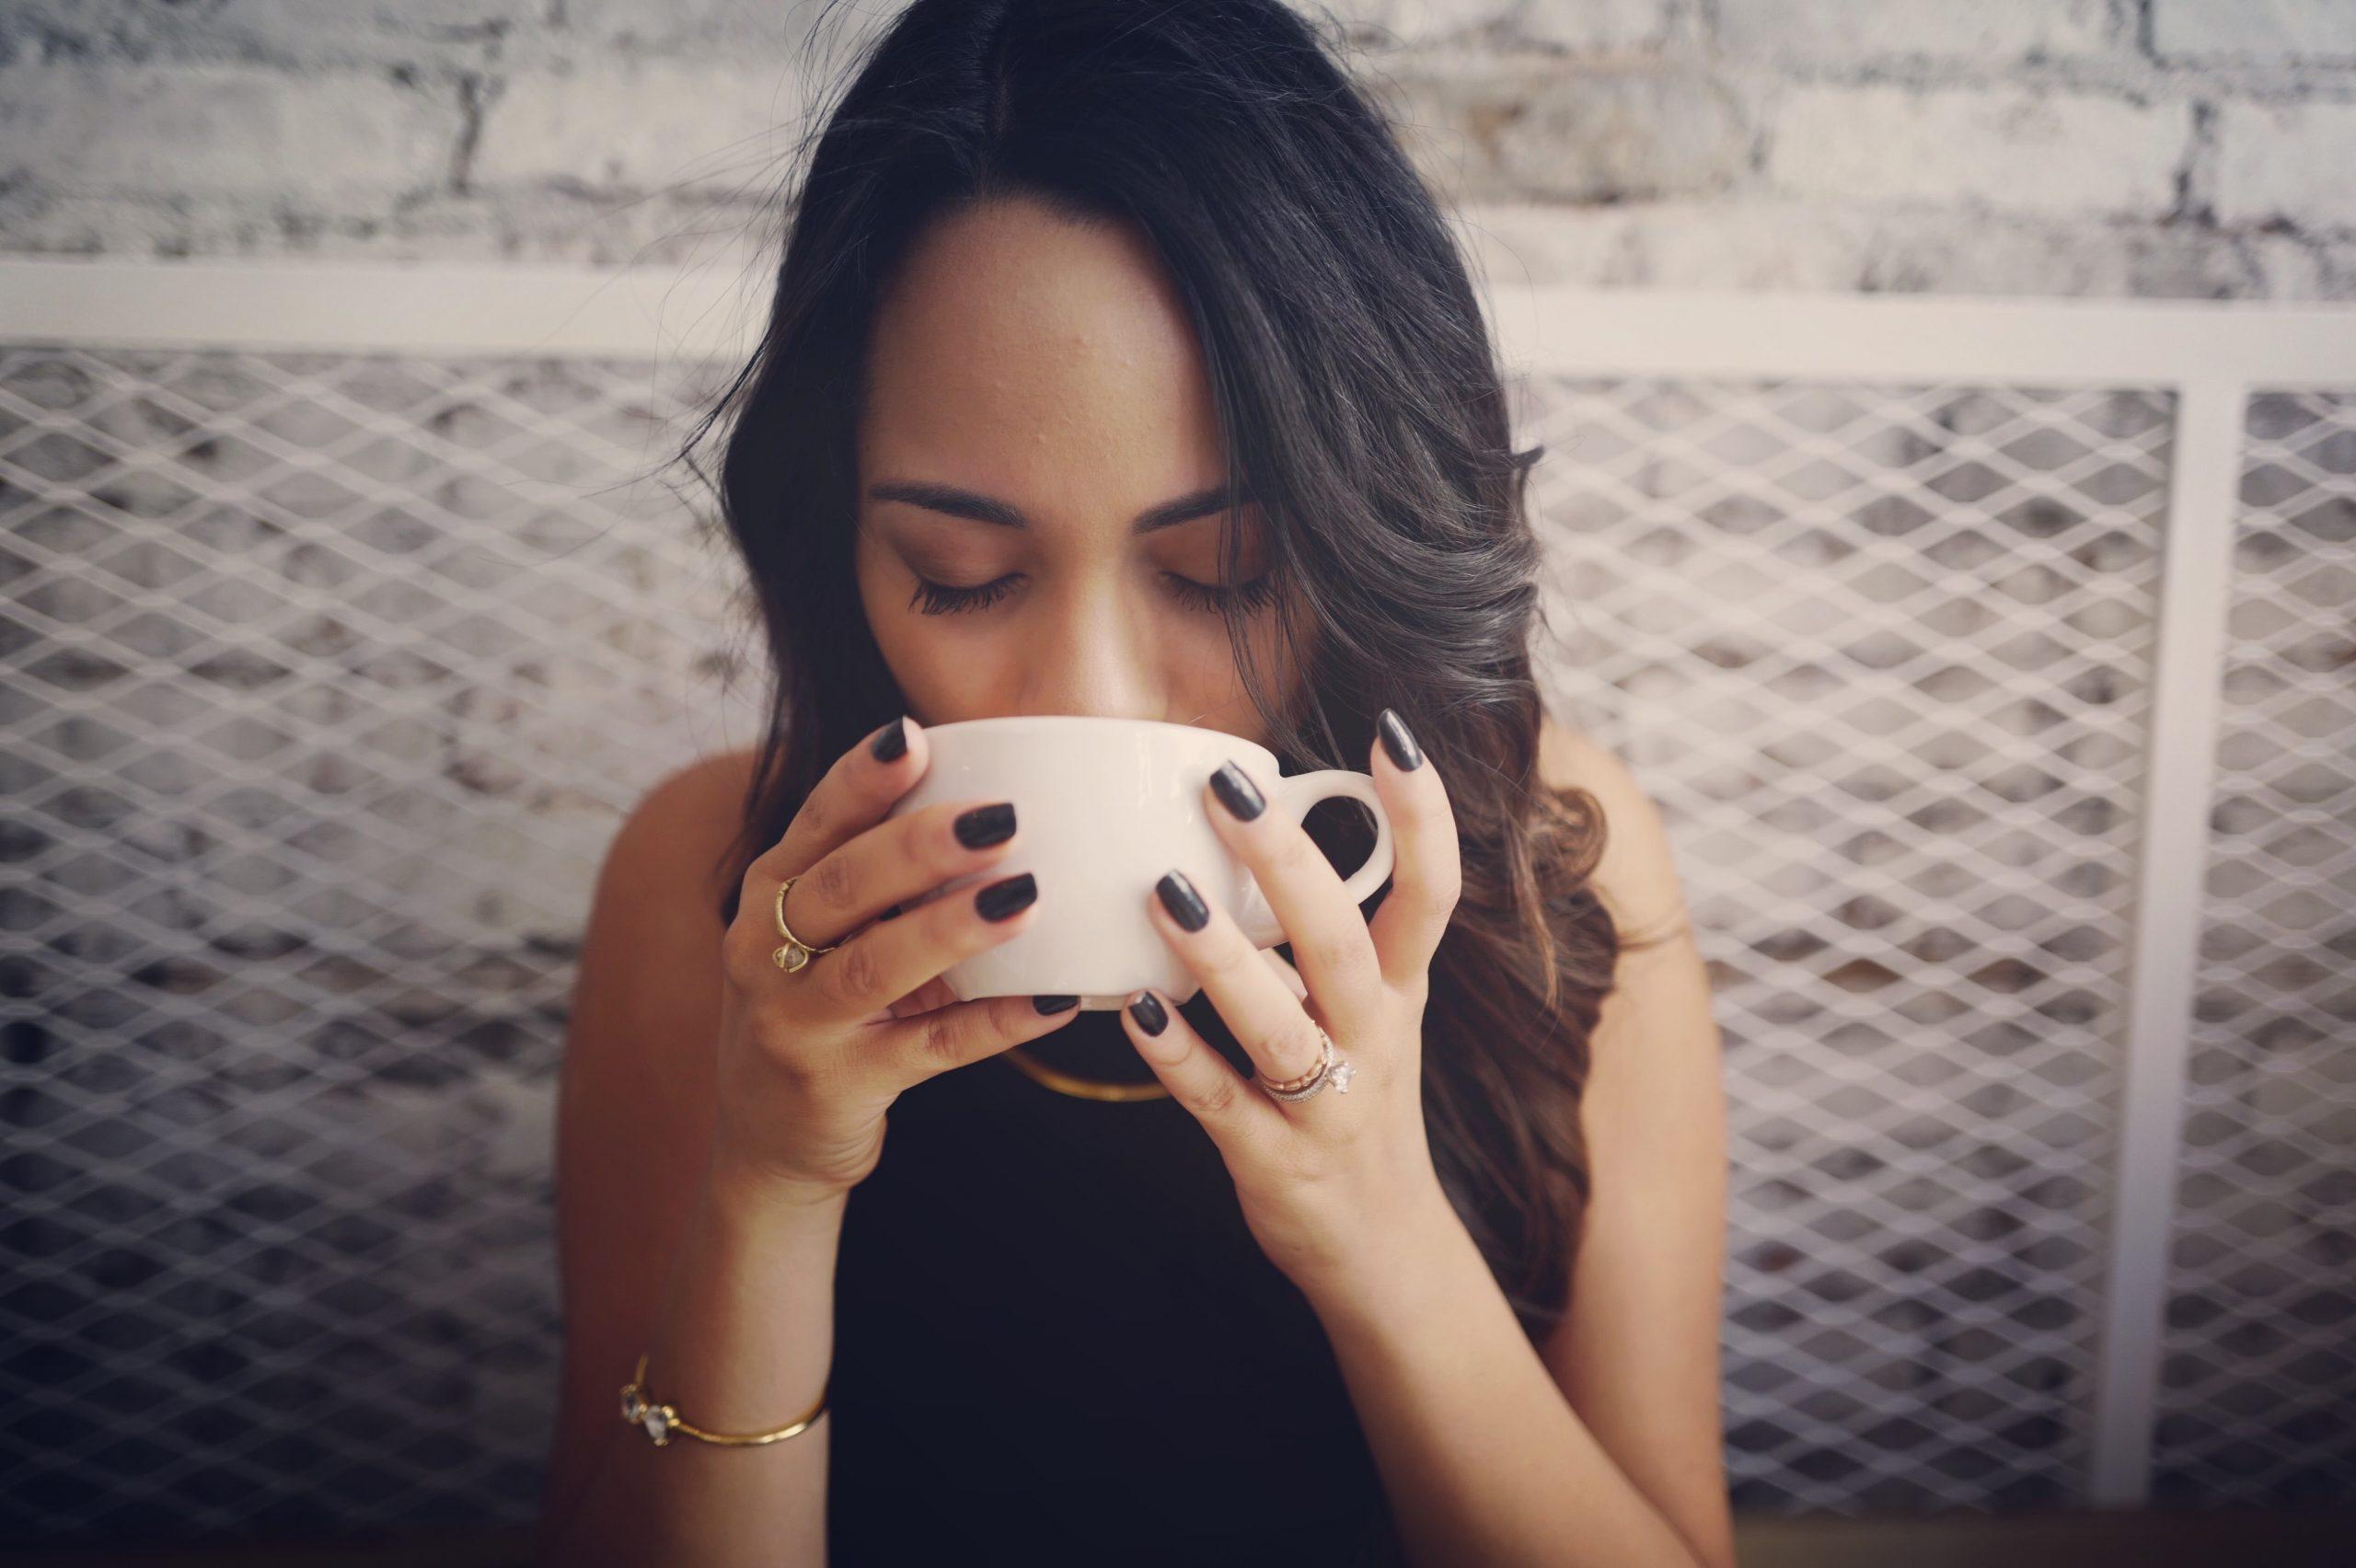 Imagem de uma mulher tomando uma xícara de café.